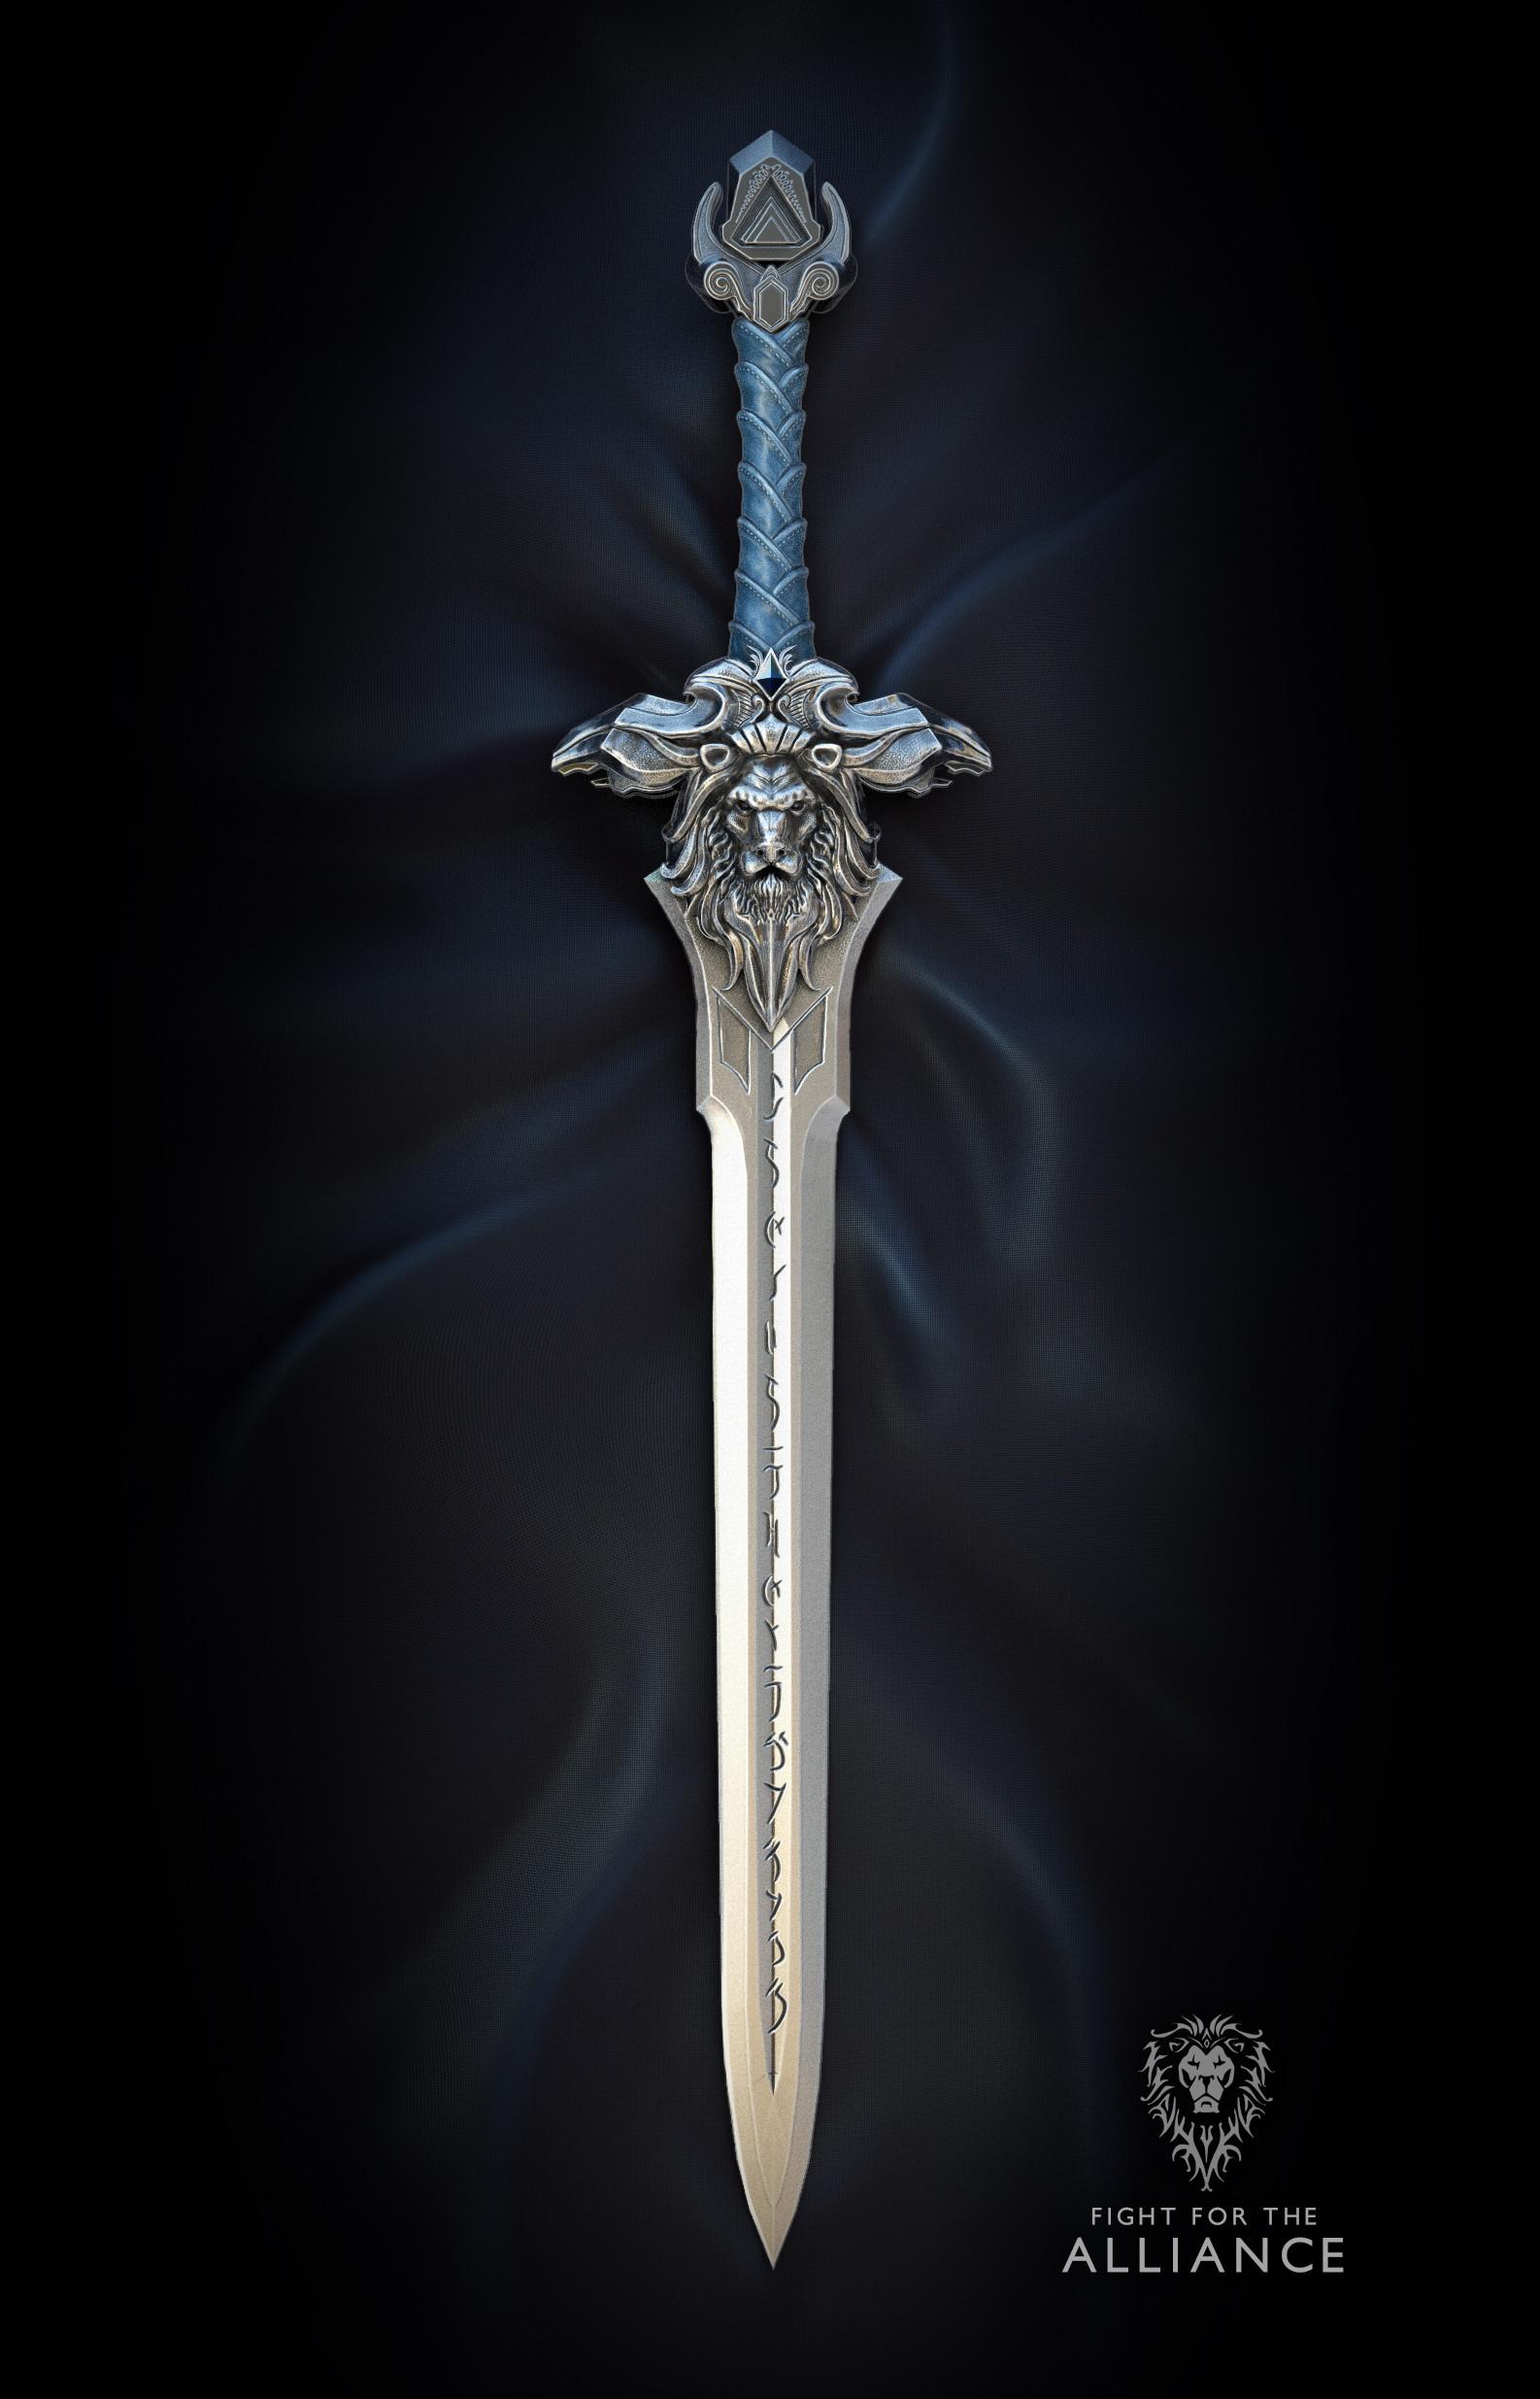 1586x2470 > Sword & Weapon Wallpapers